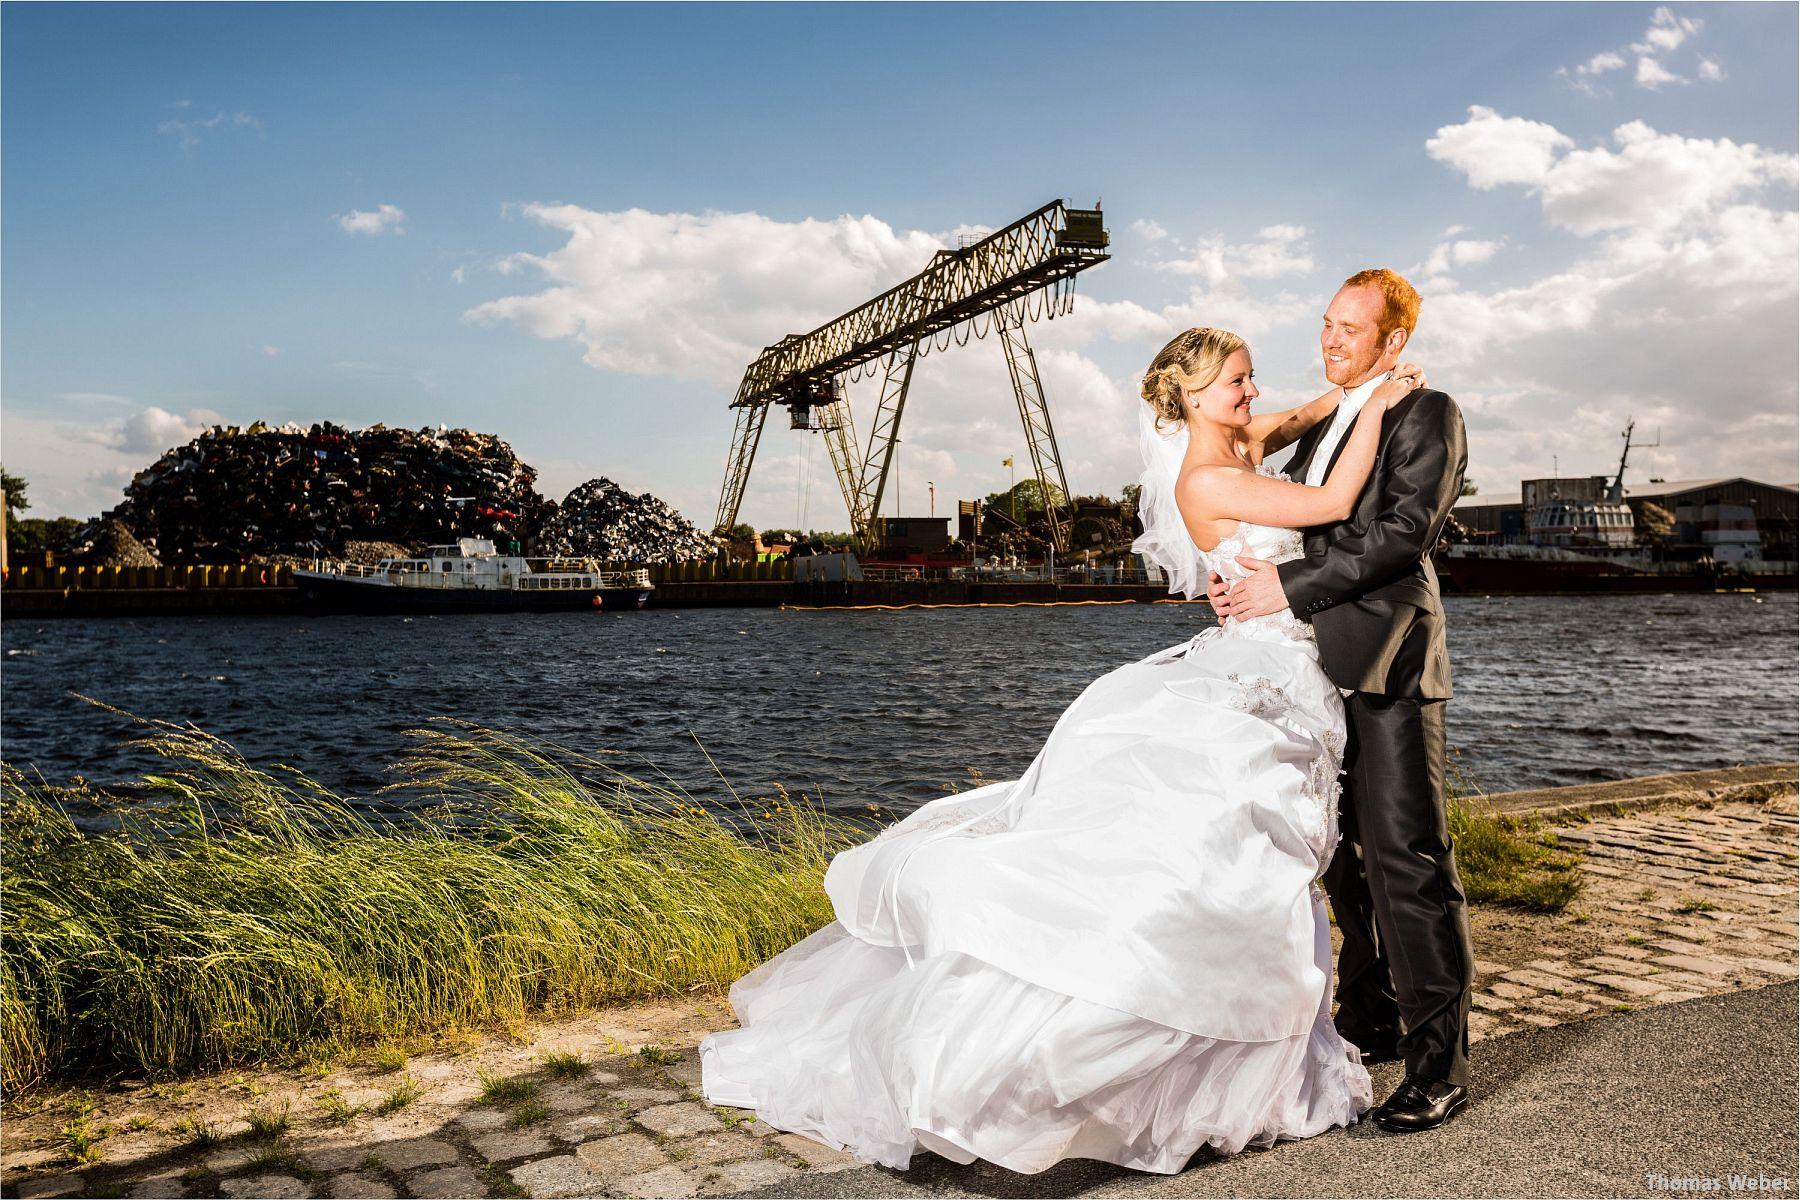 Hochzeitsfotograf Papenburg: Standesamtliche Trauung auf der Burg Kniphausen und Feier im Le Patron am Meer (57)